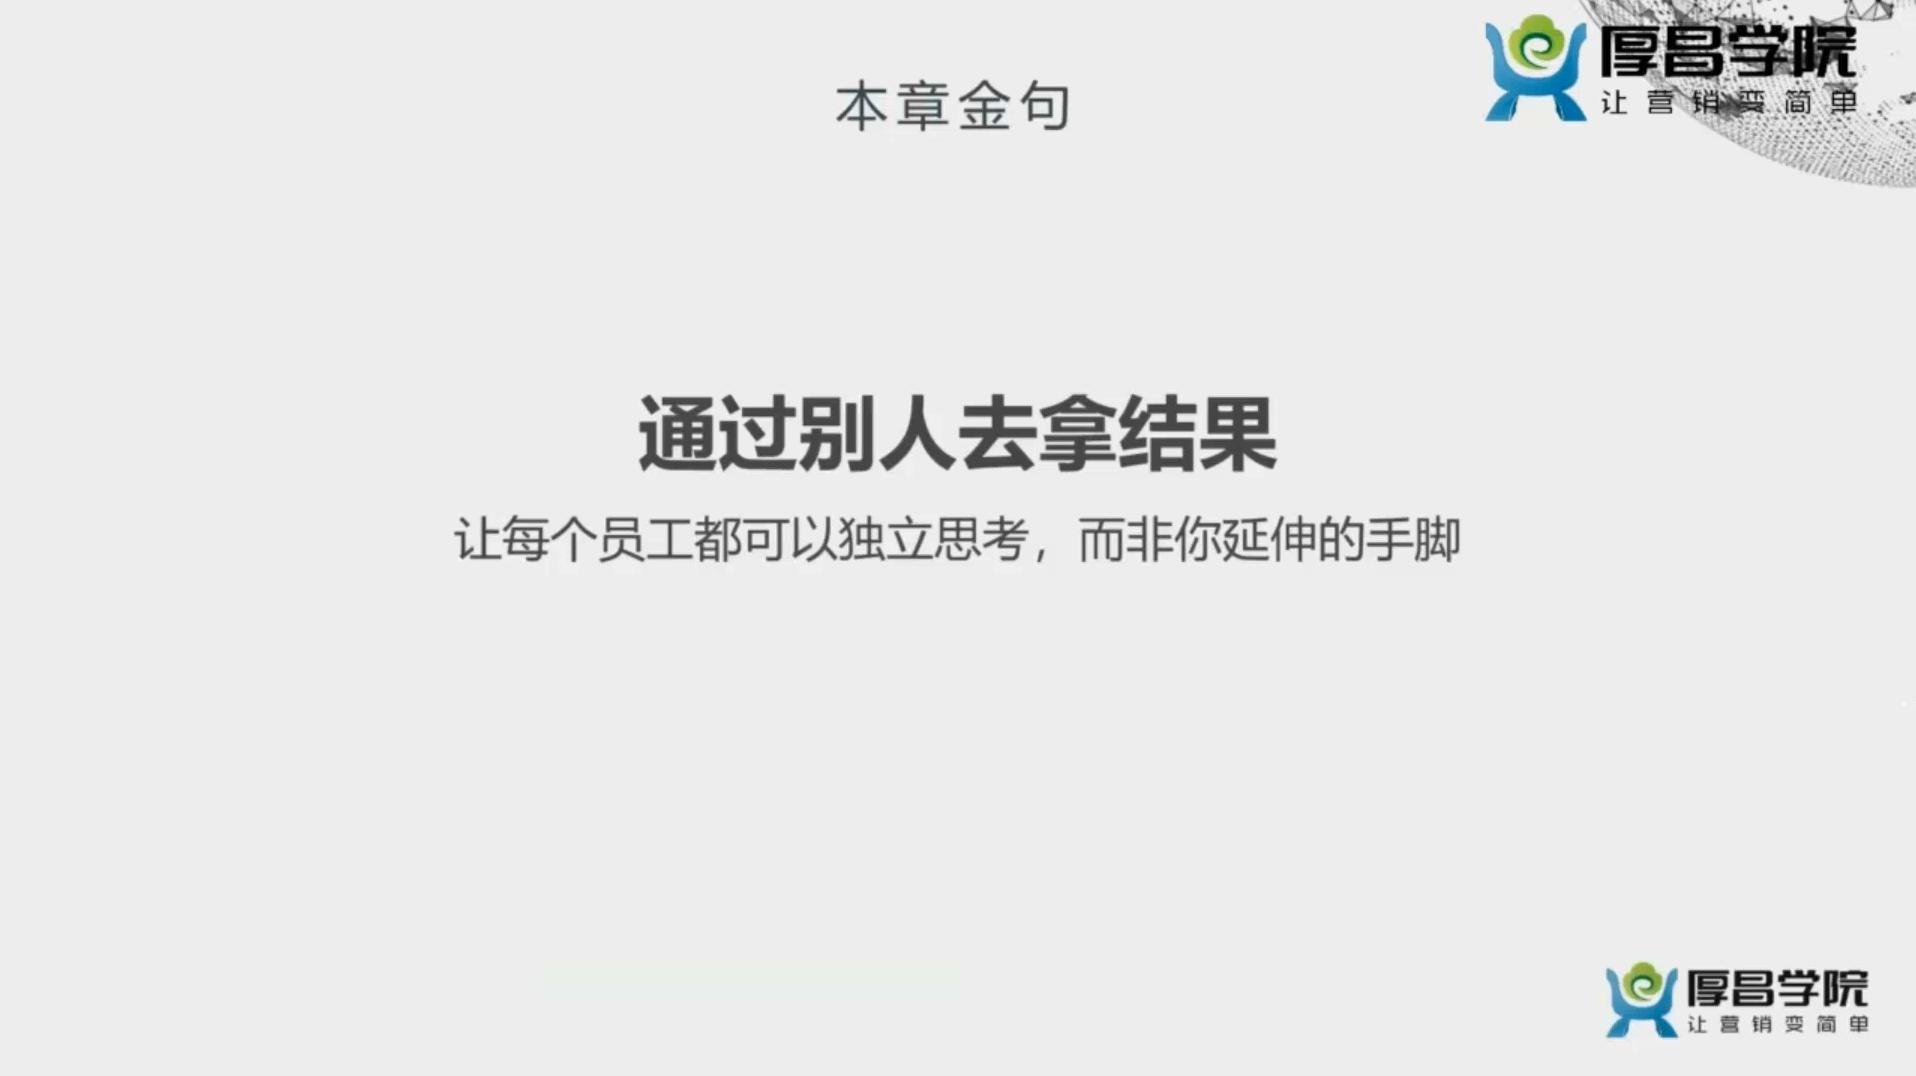 微信截图_20210605035509.png